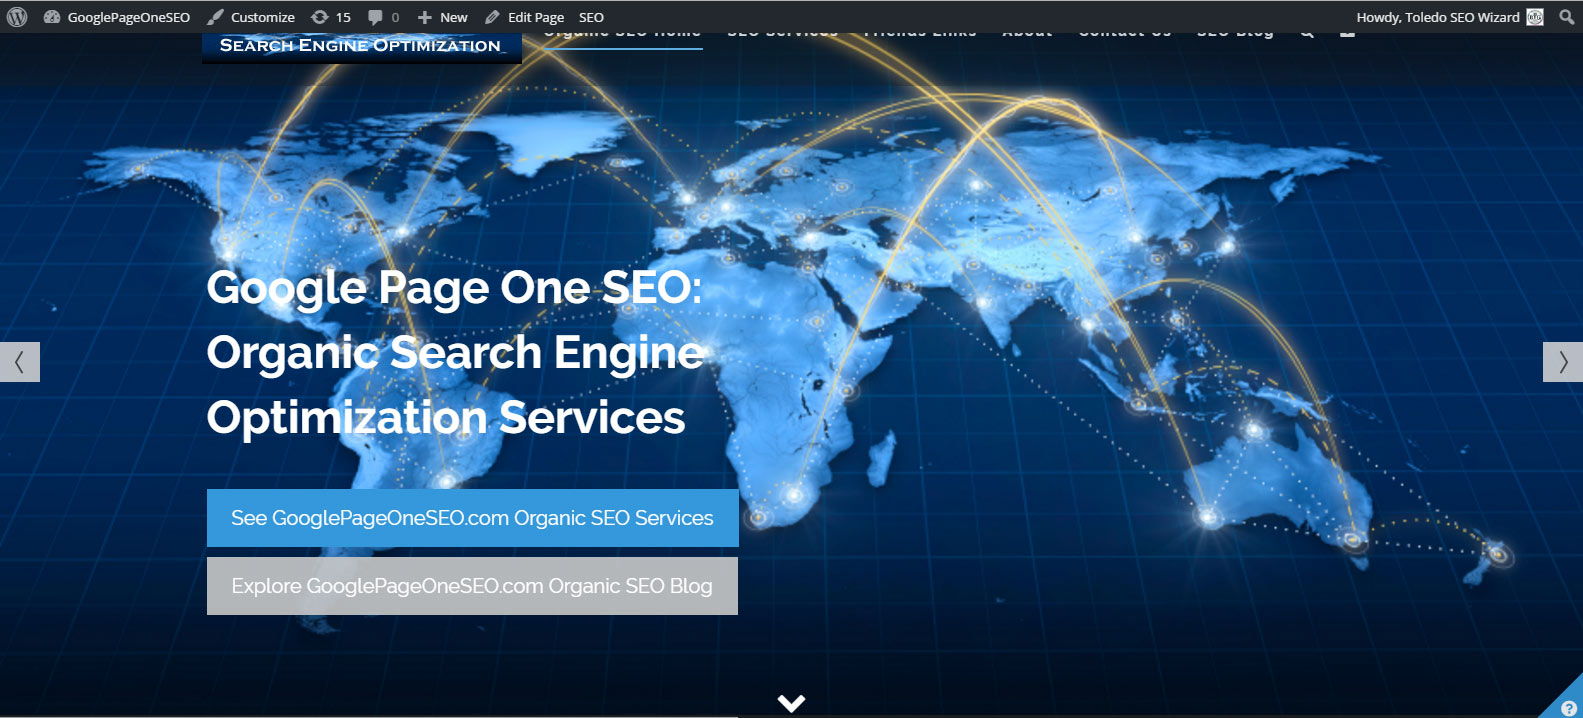 Toledo Wordpress Website Re-Design For My Own Toledo SEO Wizard Service